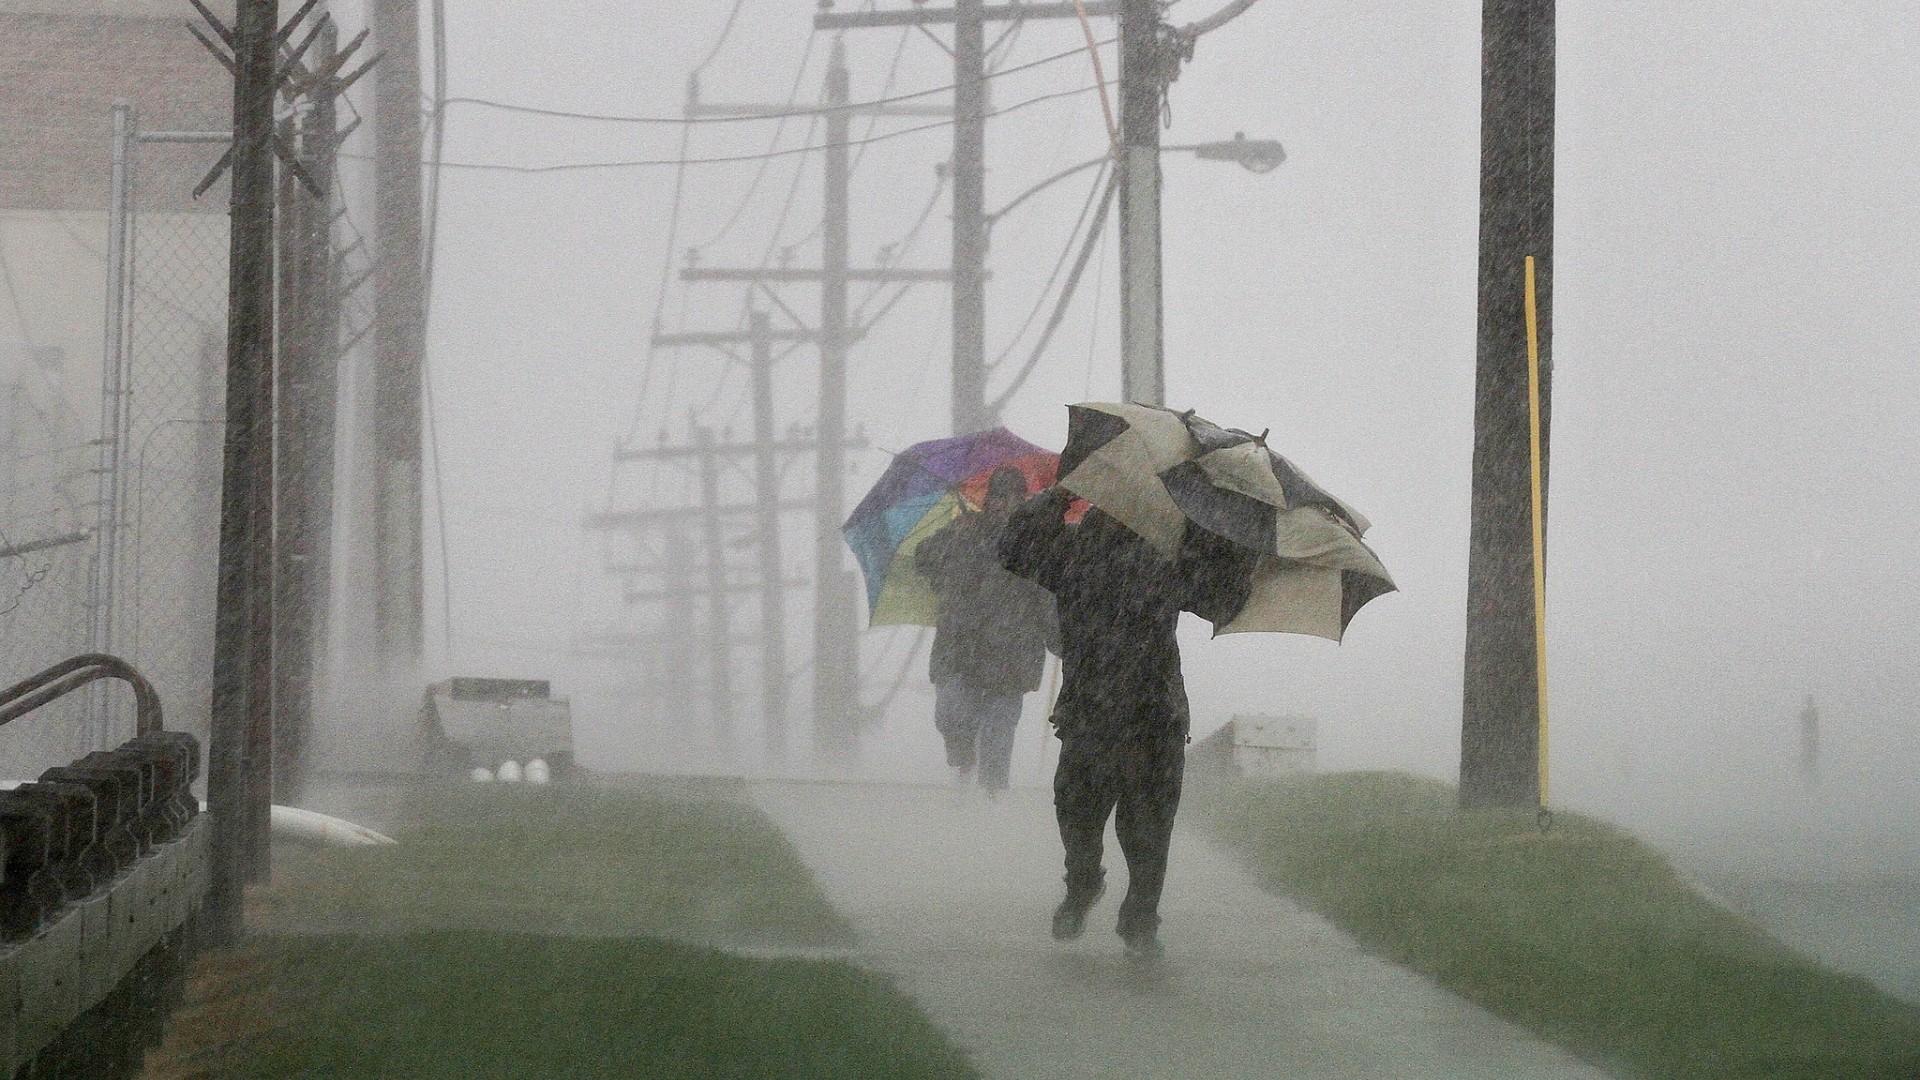 Hurricane Matthew Rain - Daily Press